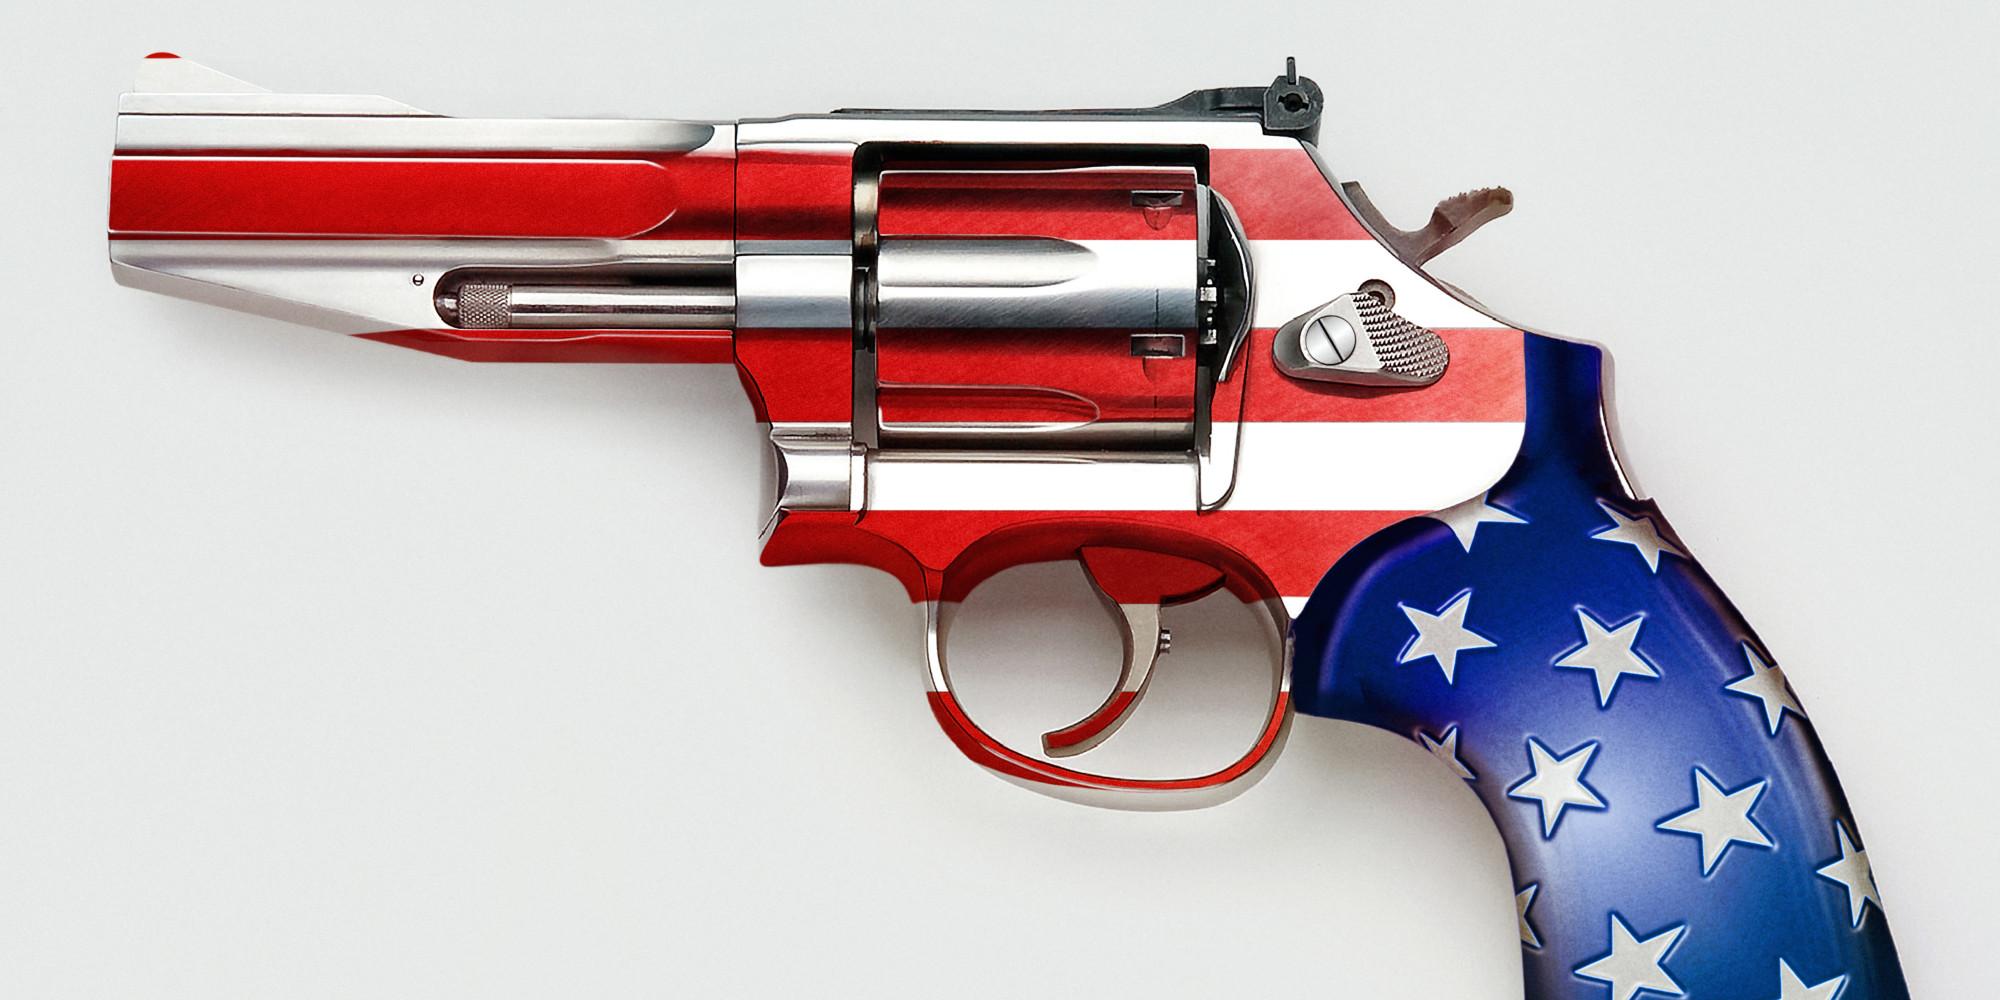 o-gun-flag-facebook.jpg